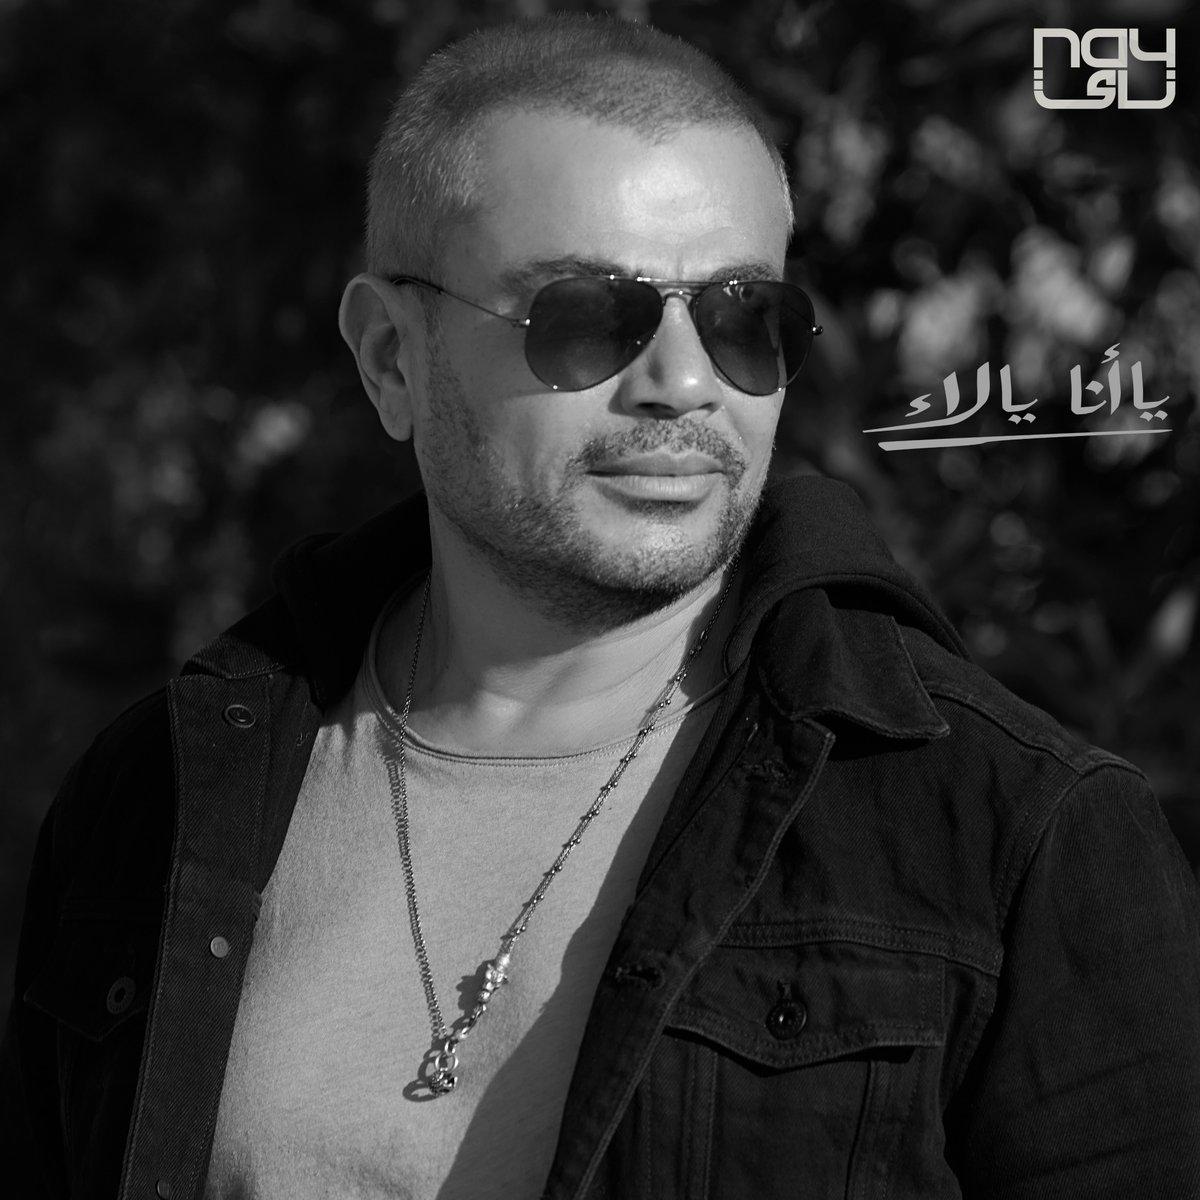 """احصل الآن علي النسخة الاصلية من البوم #عمرو_دياب الجديد """"#يا_أنا_يا_لاء"""" فقط بجميع فروع ڤيرچن ميجاستور مصر  انتاج @NayForMedia"""